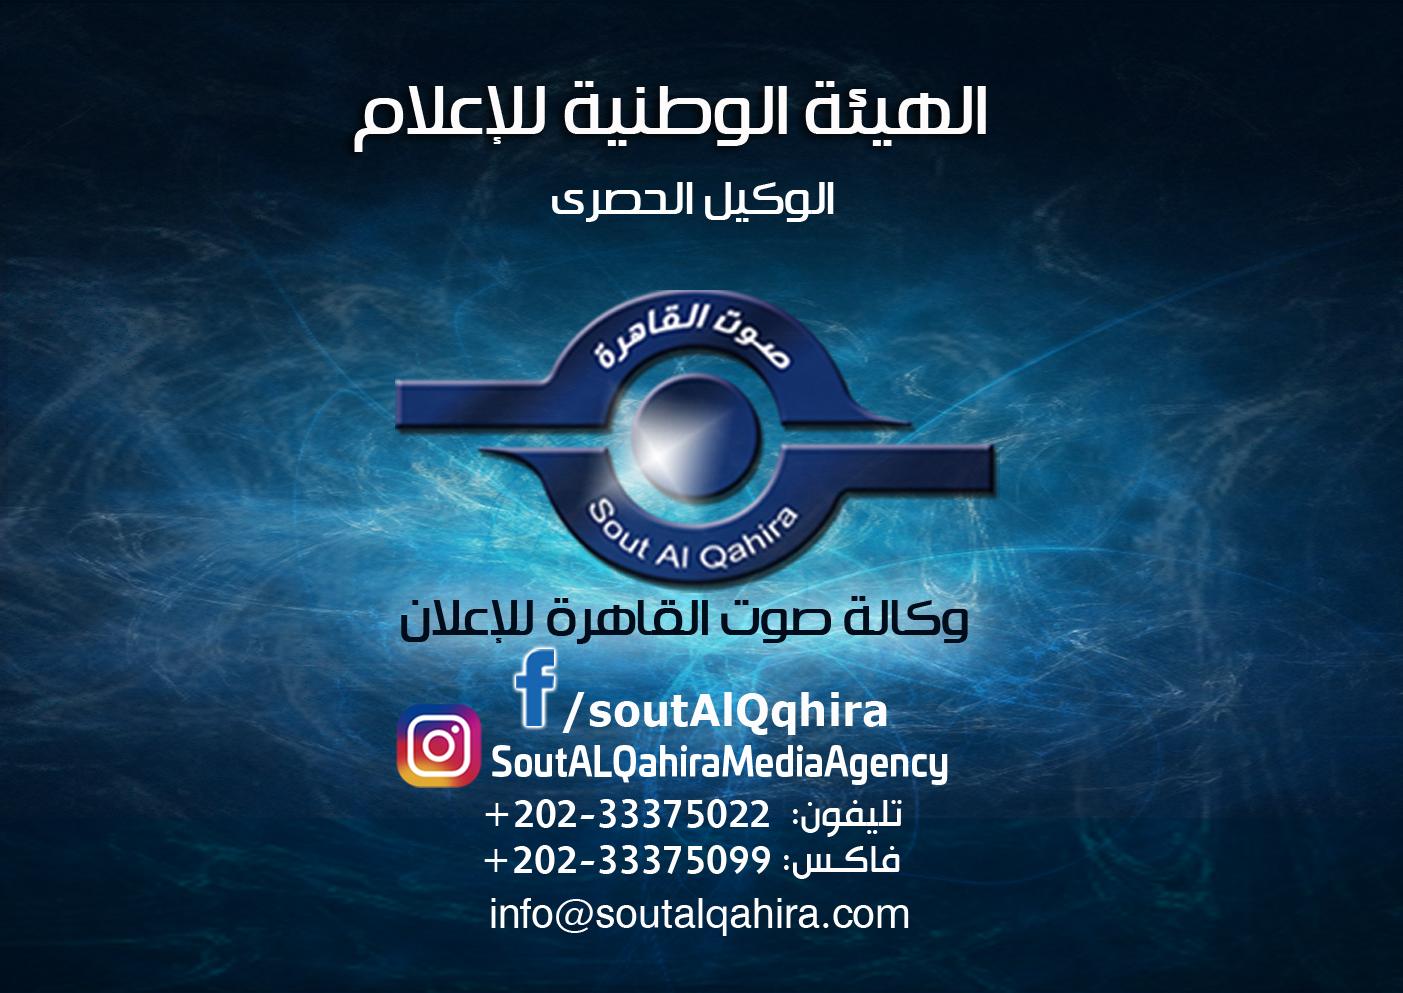 وكالة صوت القاهرة للإعلان